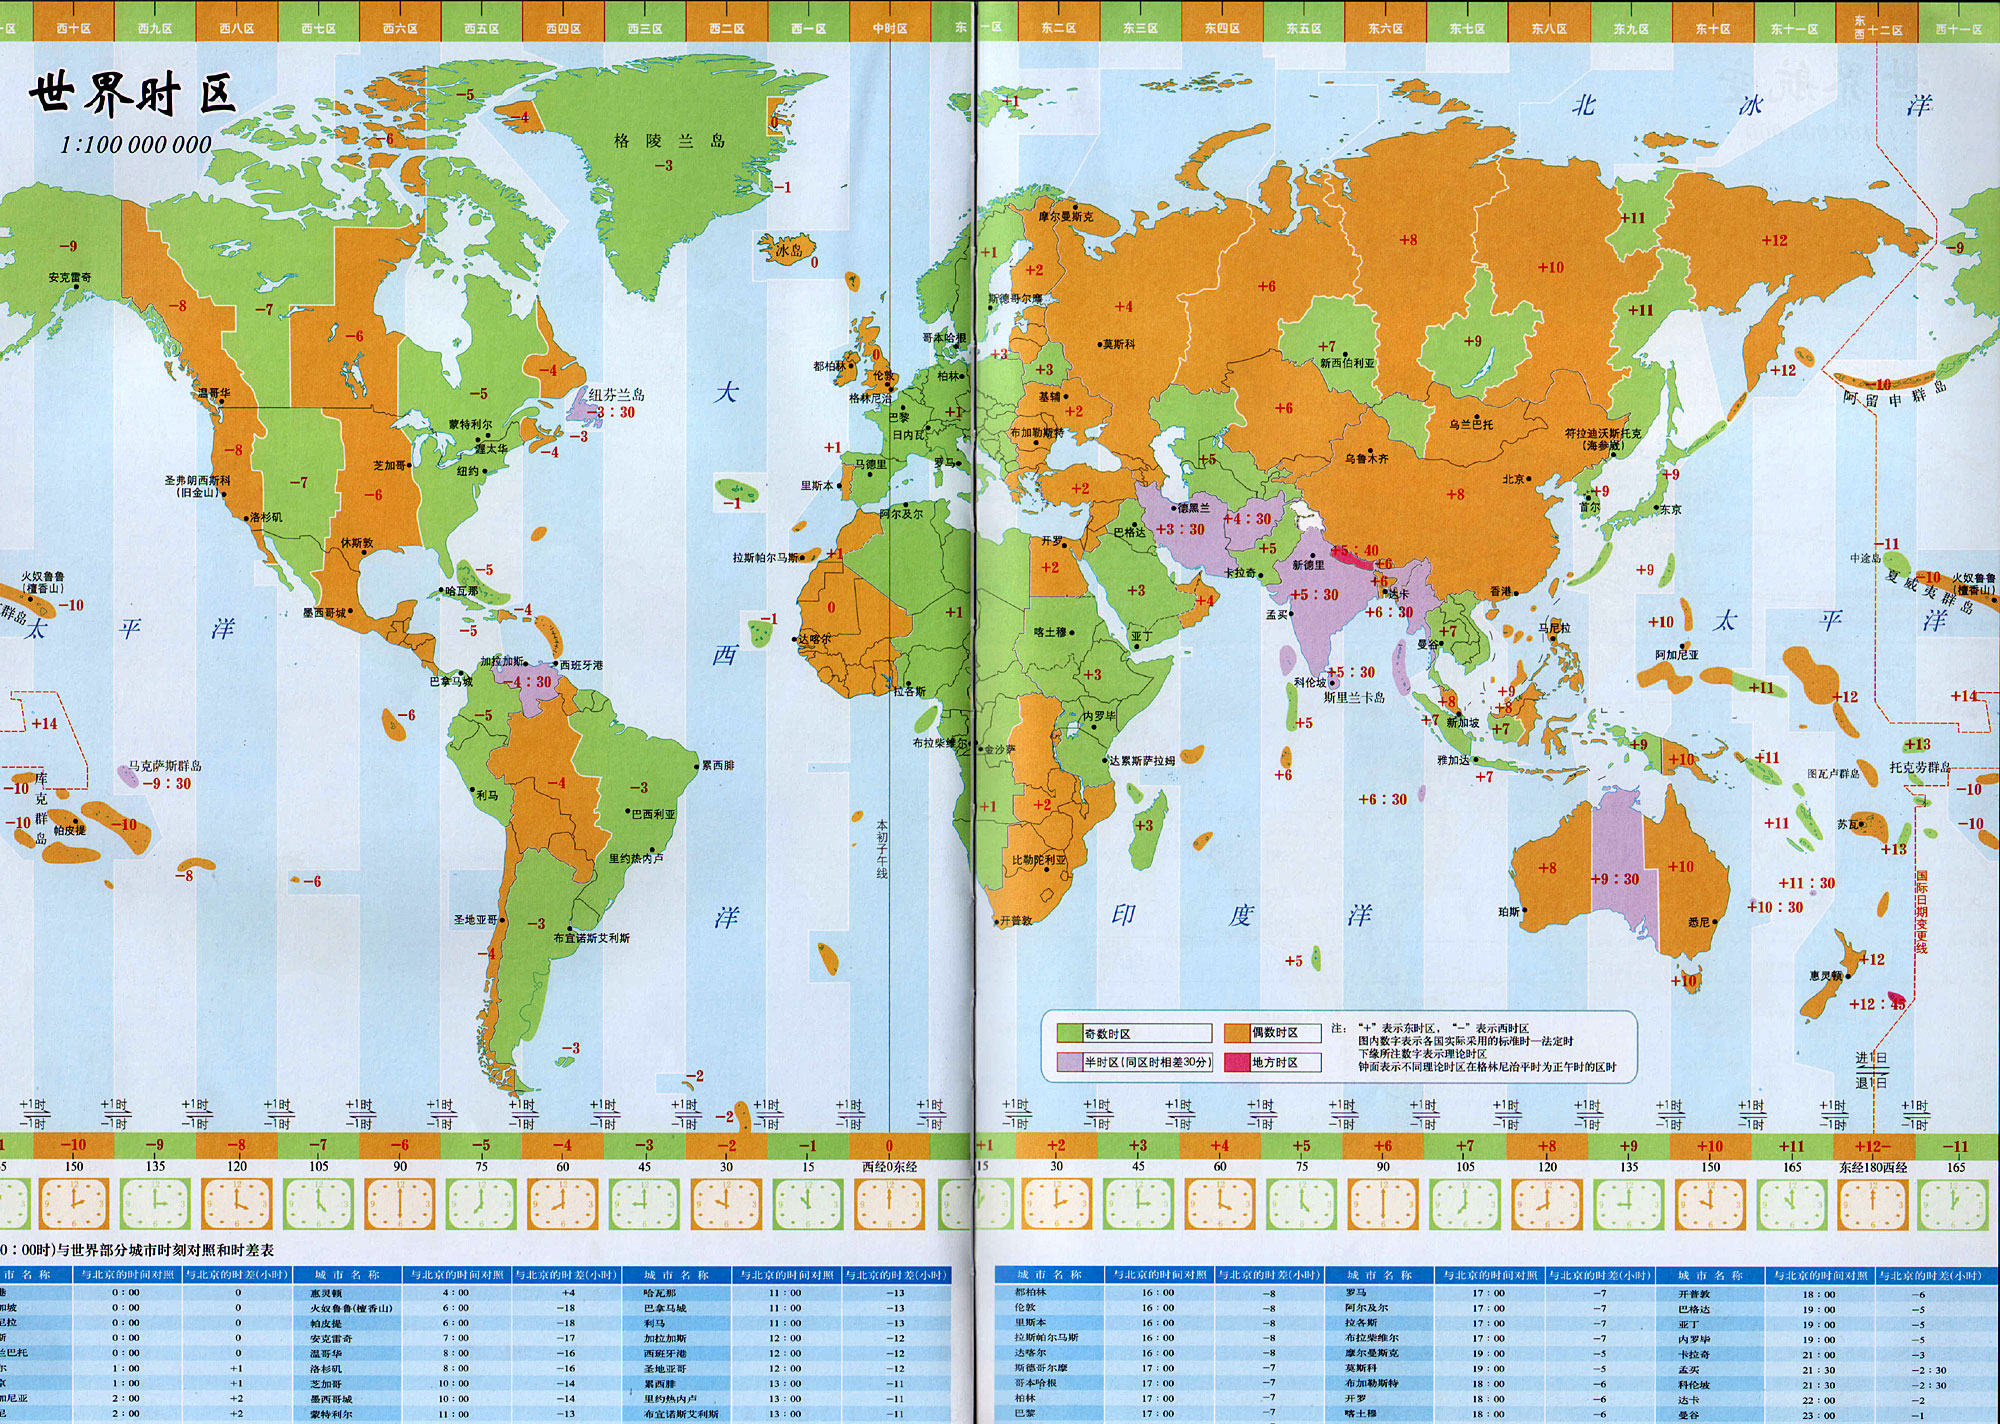 世界时区地图_世界地图库